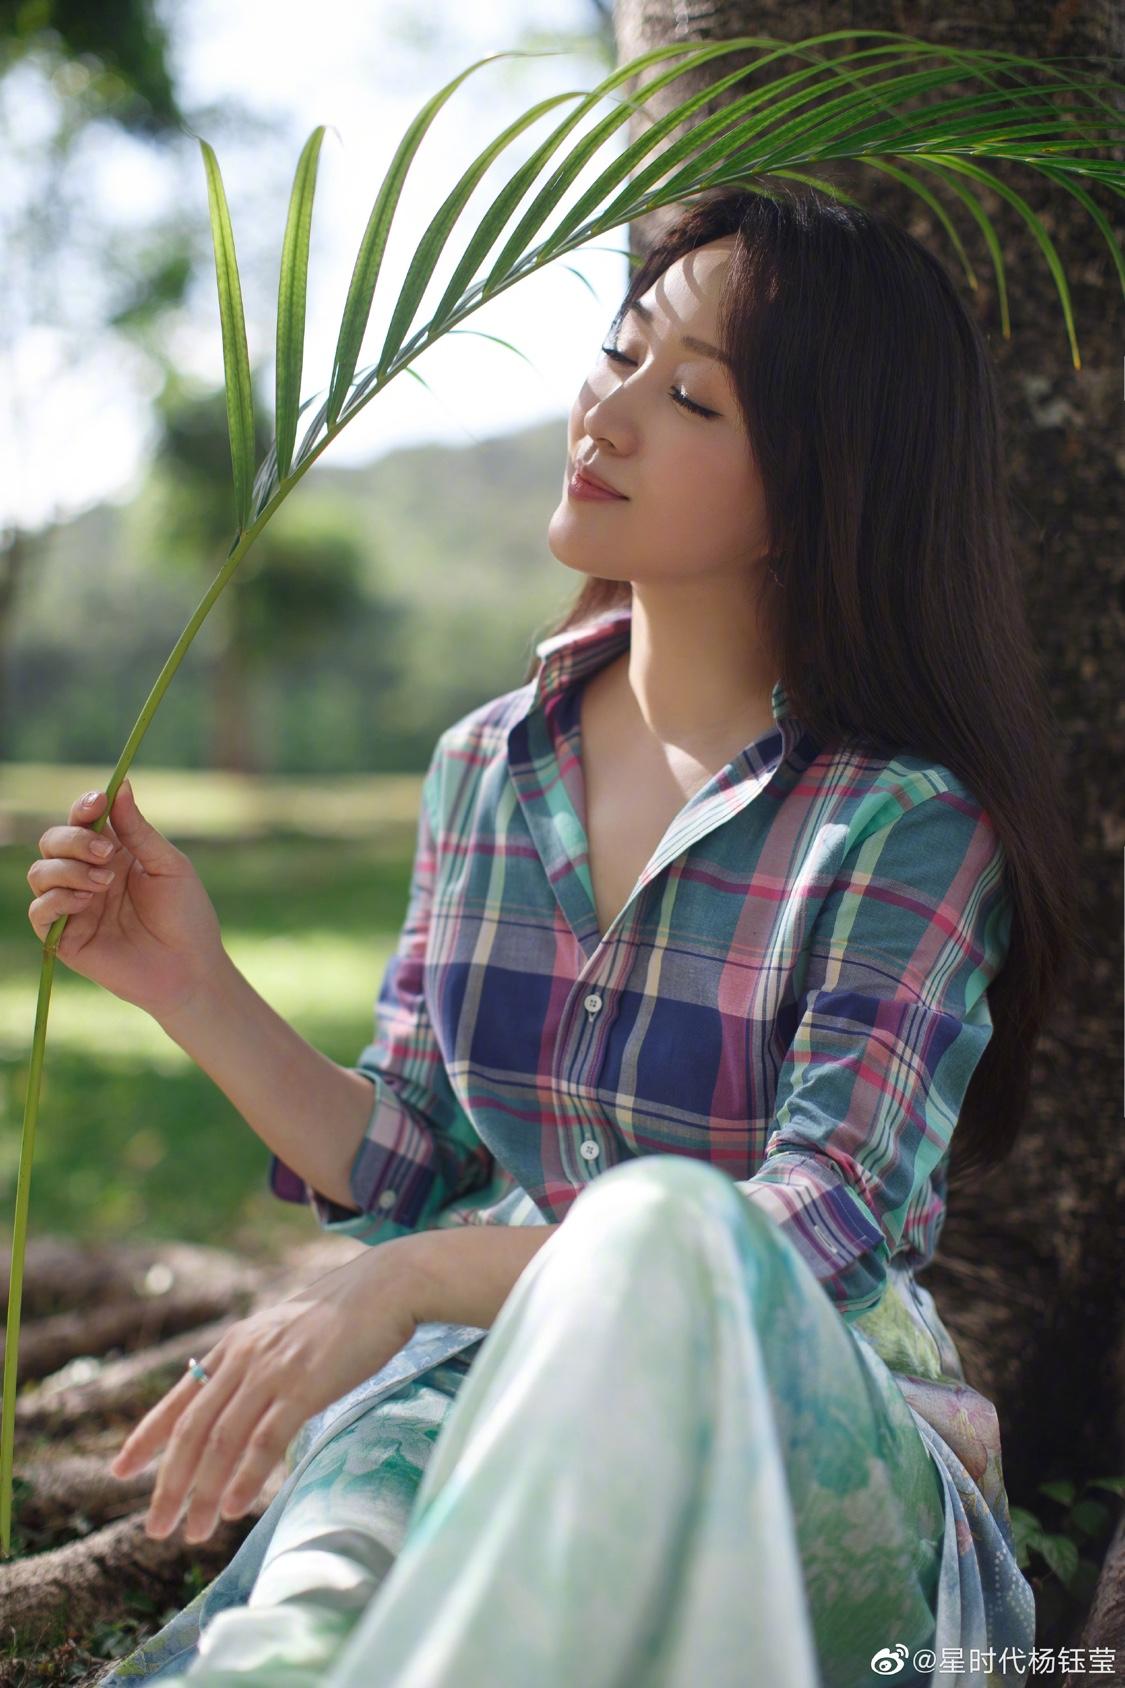 女格子衬衫 杨钰莹同款格子衬衫女2020年春秋新韩版长袖复古港味洋气学生外穿_推荐淘宝好看的女格子衬衫